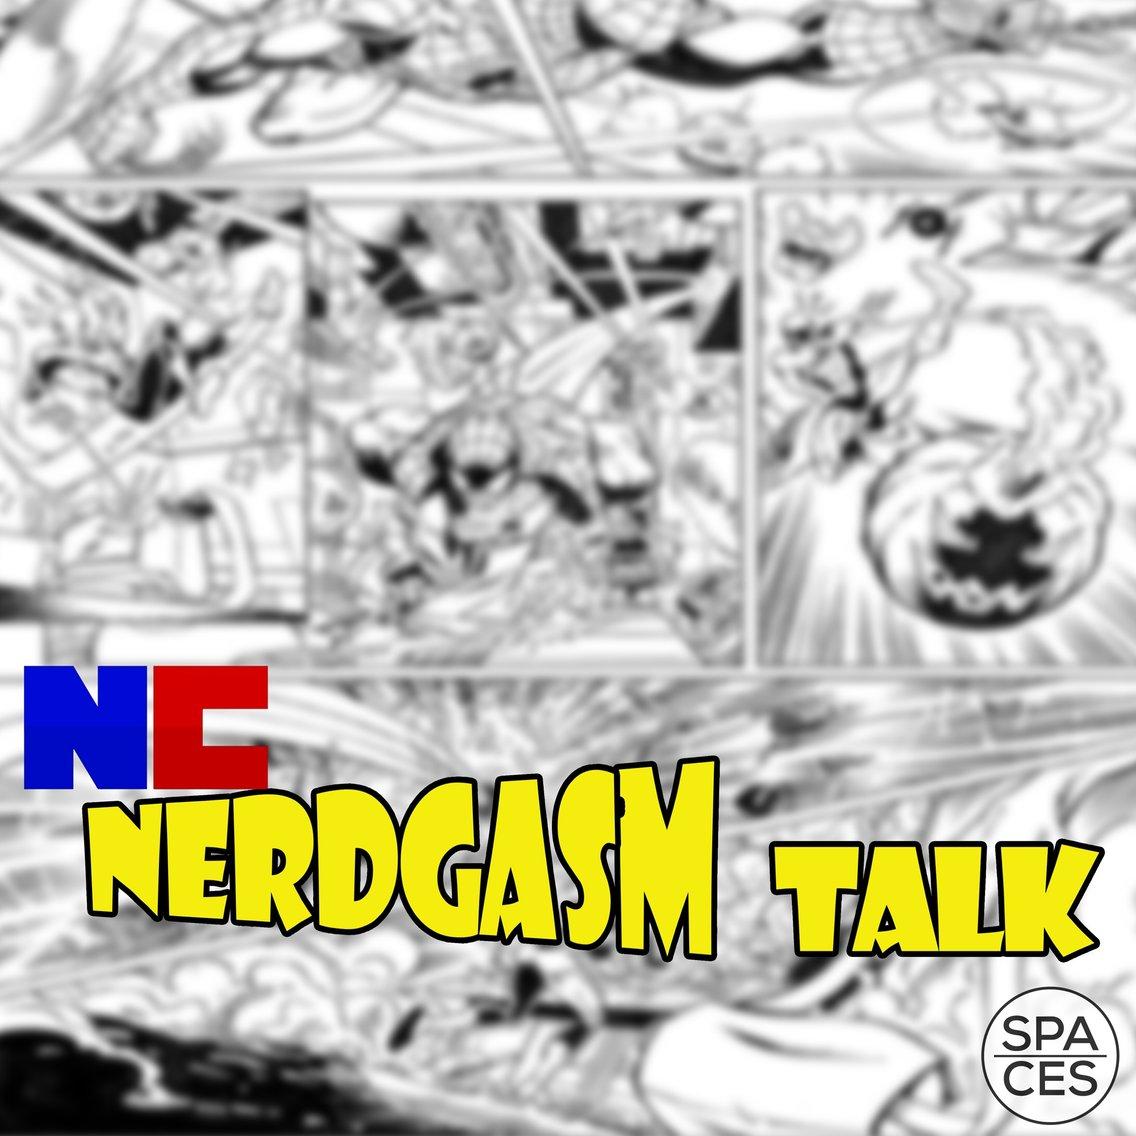 The Nerdgasm Talk - immagine di copertina